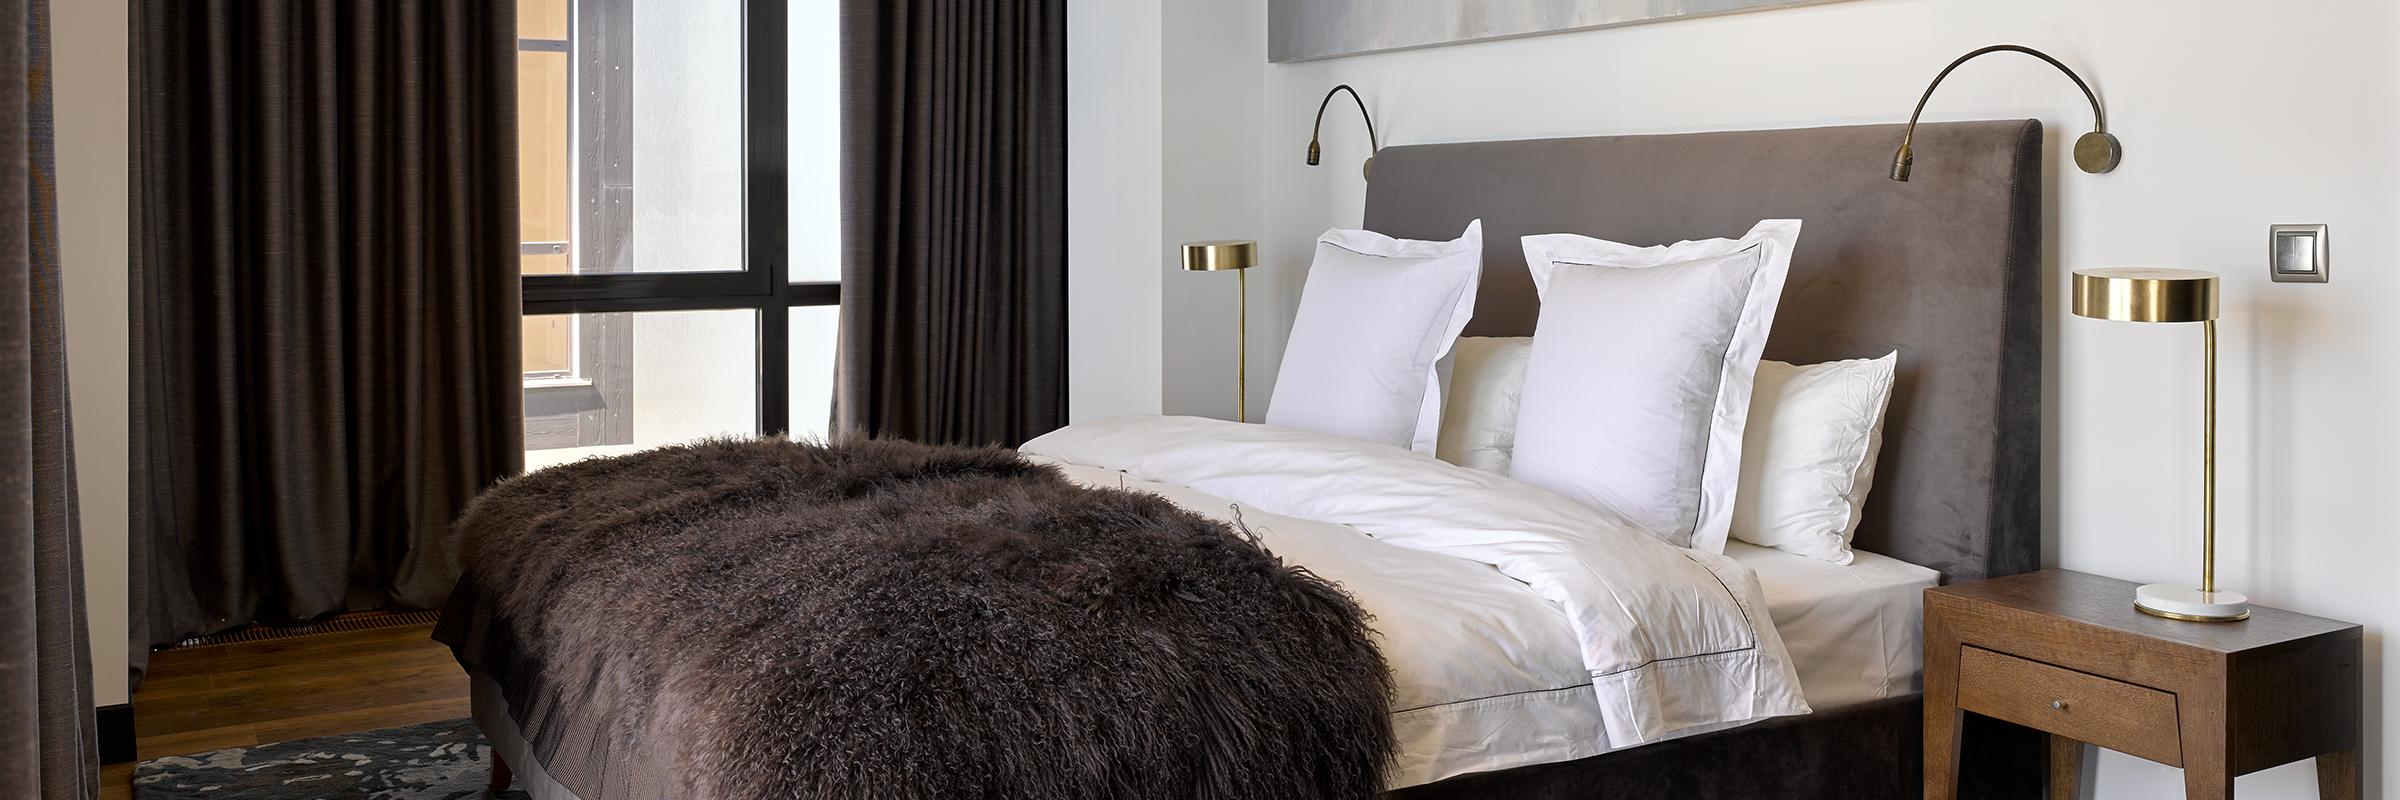 Дизайнерские кровати Any-home.ru